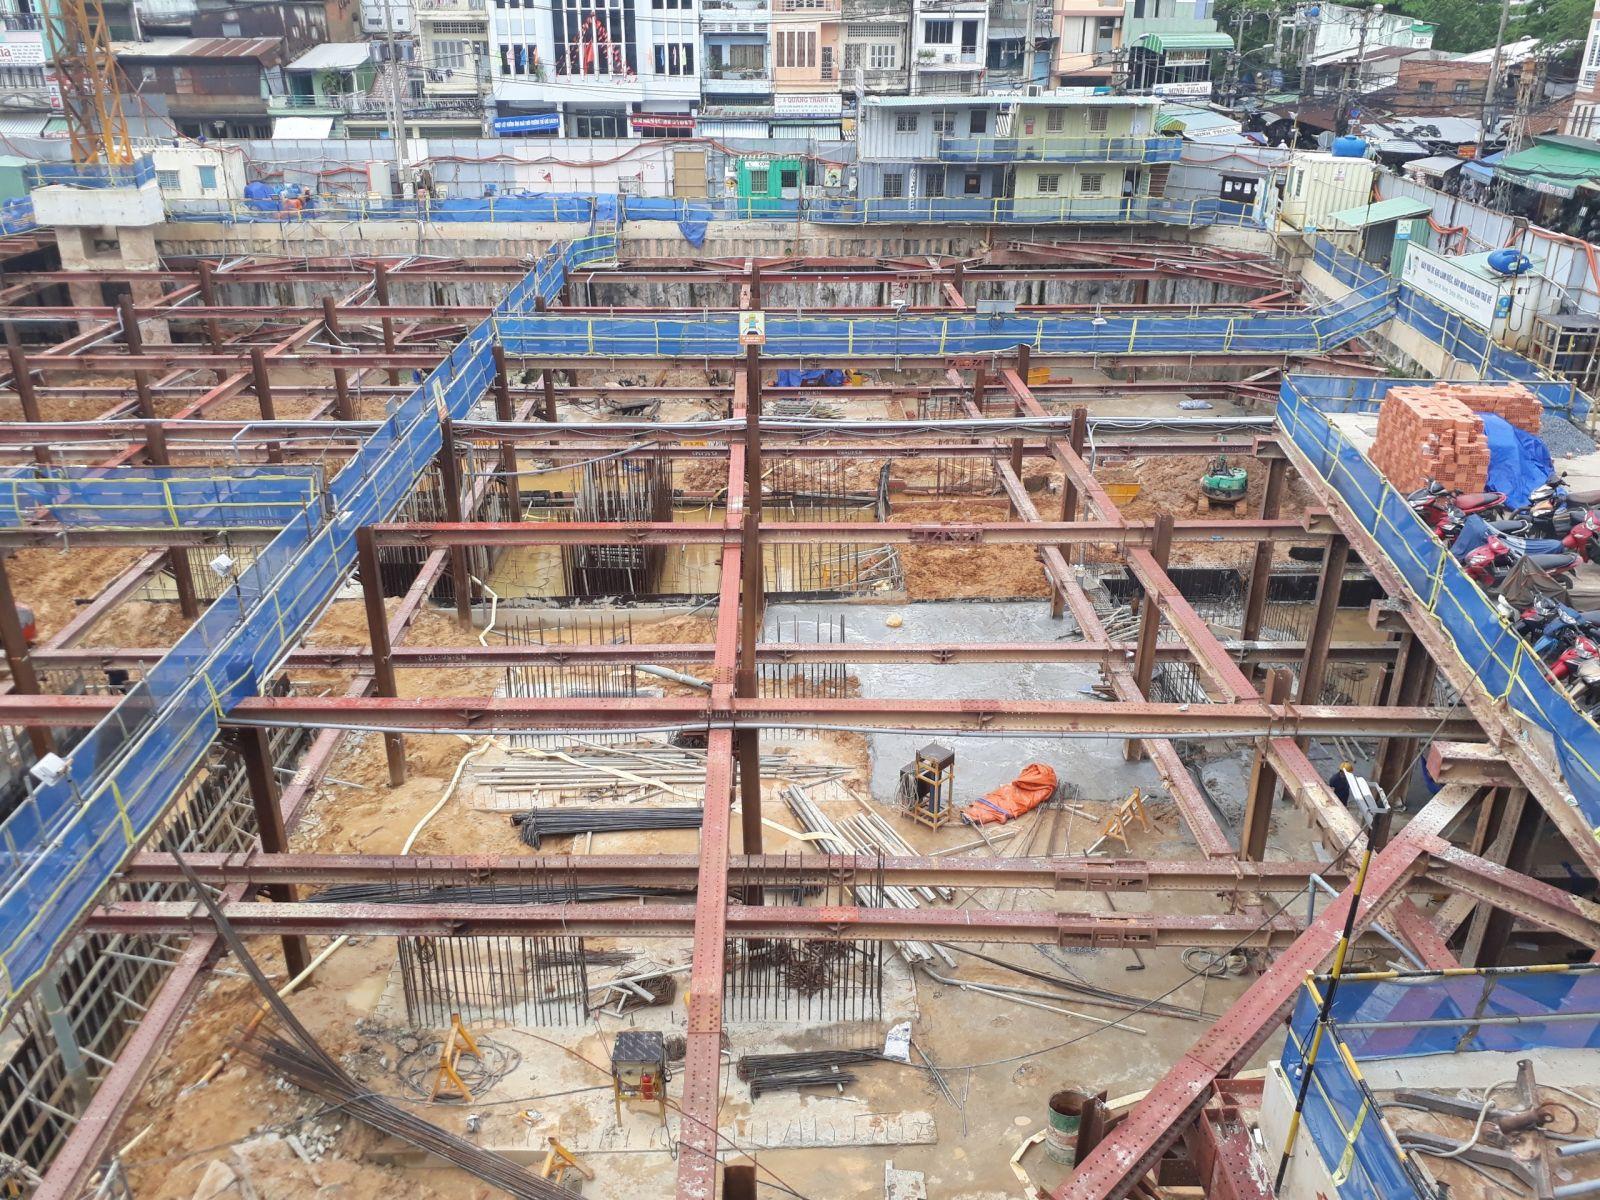 Tiến độ xây dựng căn hộ vetosa tan thanh quận 5